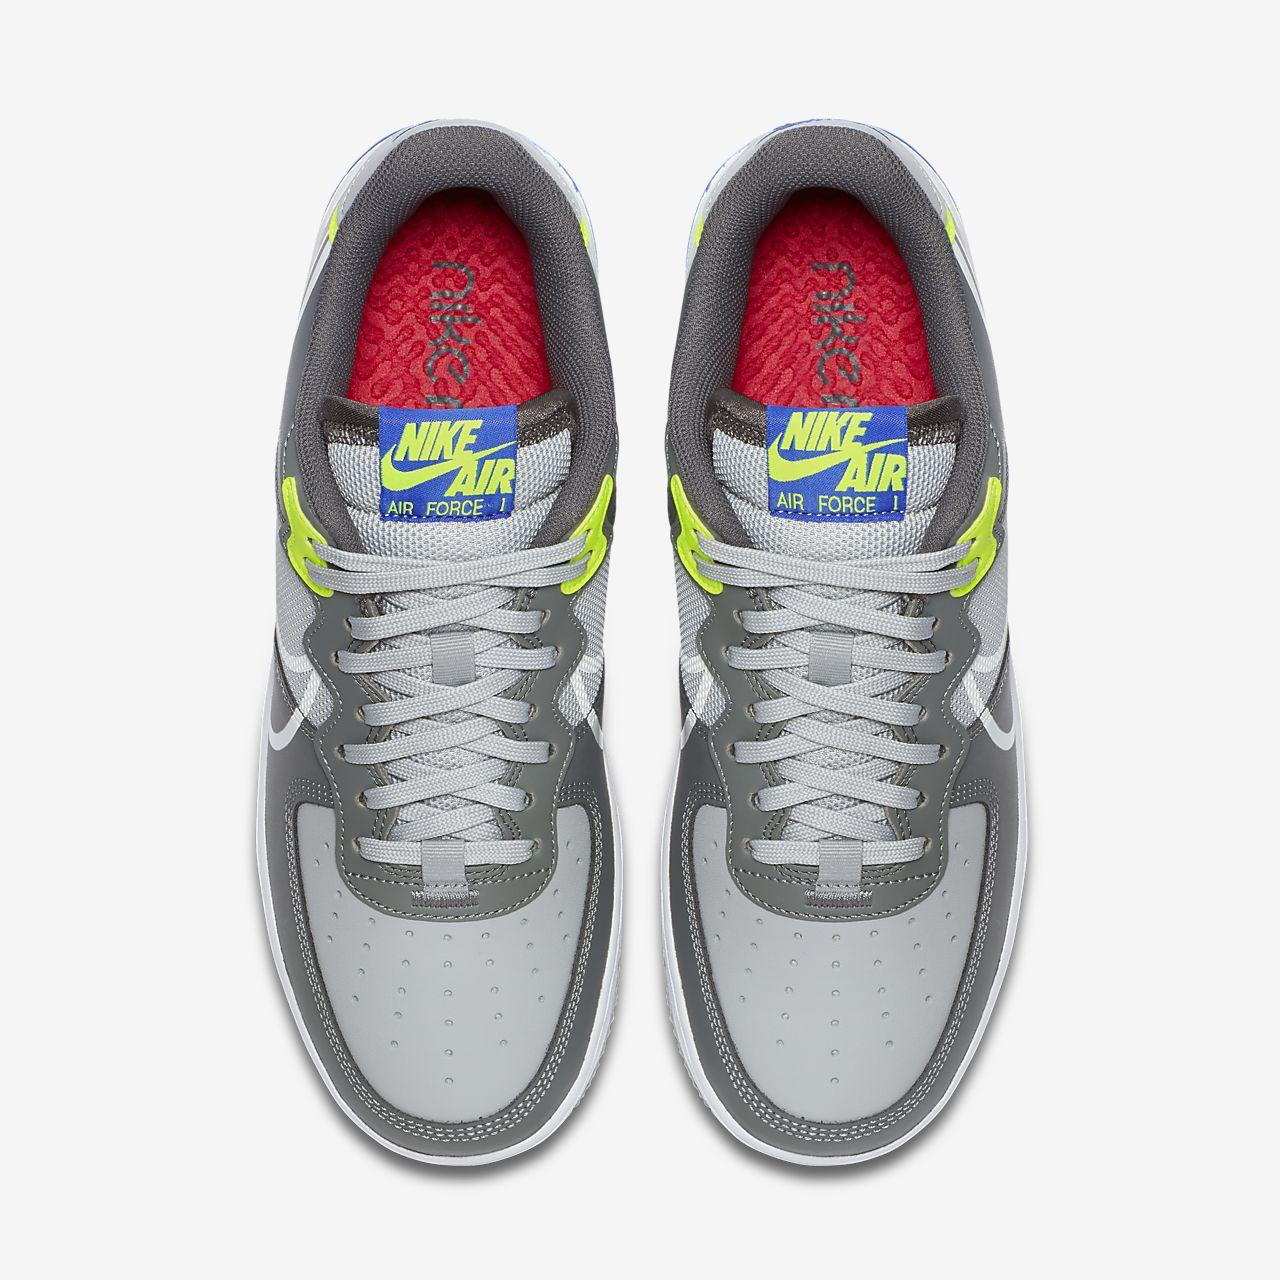 Najnowsze Buty Sportowe Nike Męskie Sklep Nike Air Force 1